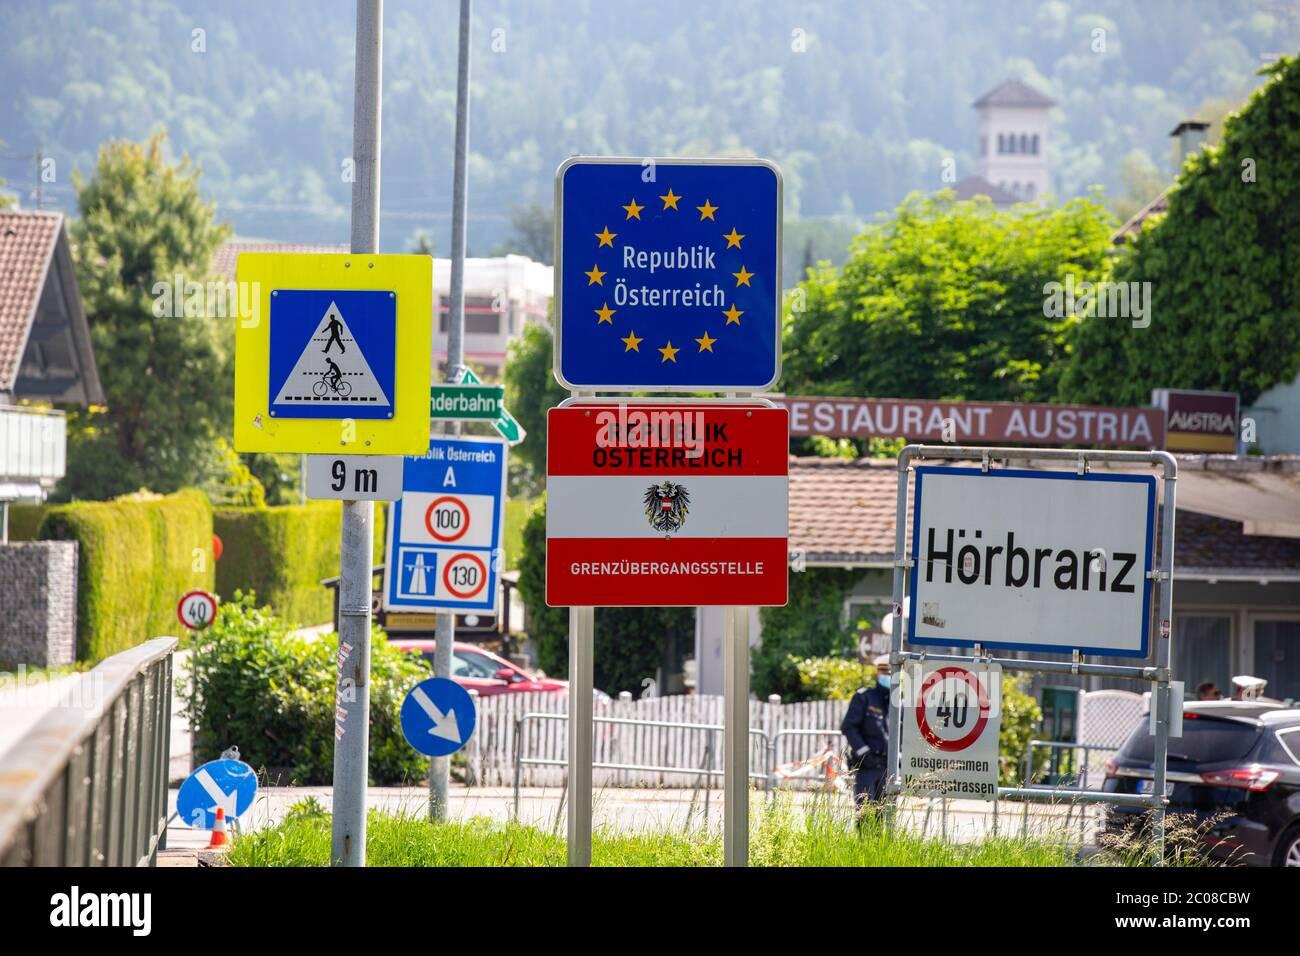 Grenzverkehr nach der Lockerung der Grenze Österreich - Deutschland am Grenzübergang Ziegelhaus in Lindau-Zech. Lindau,16.05.2020 Stock Photo